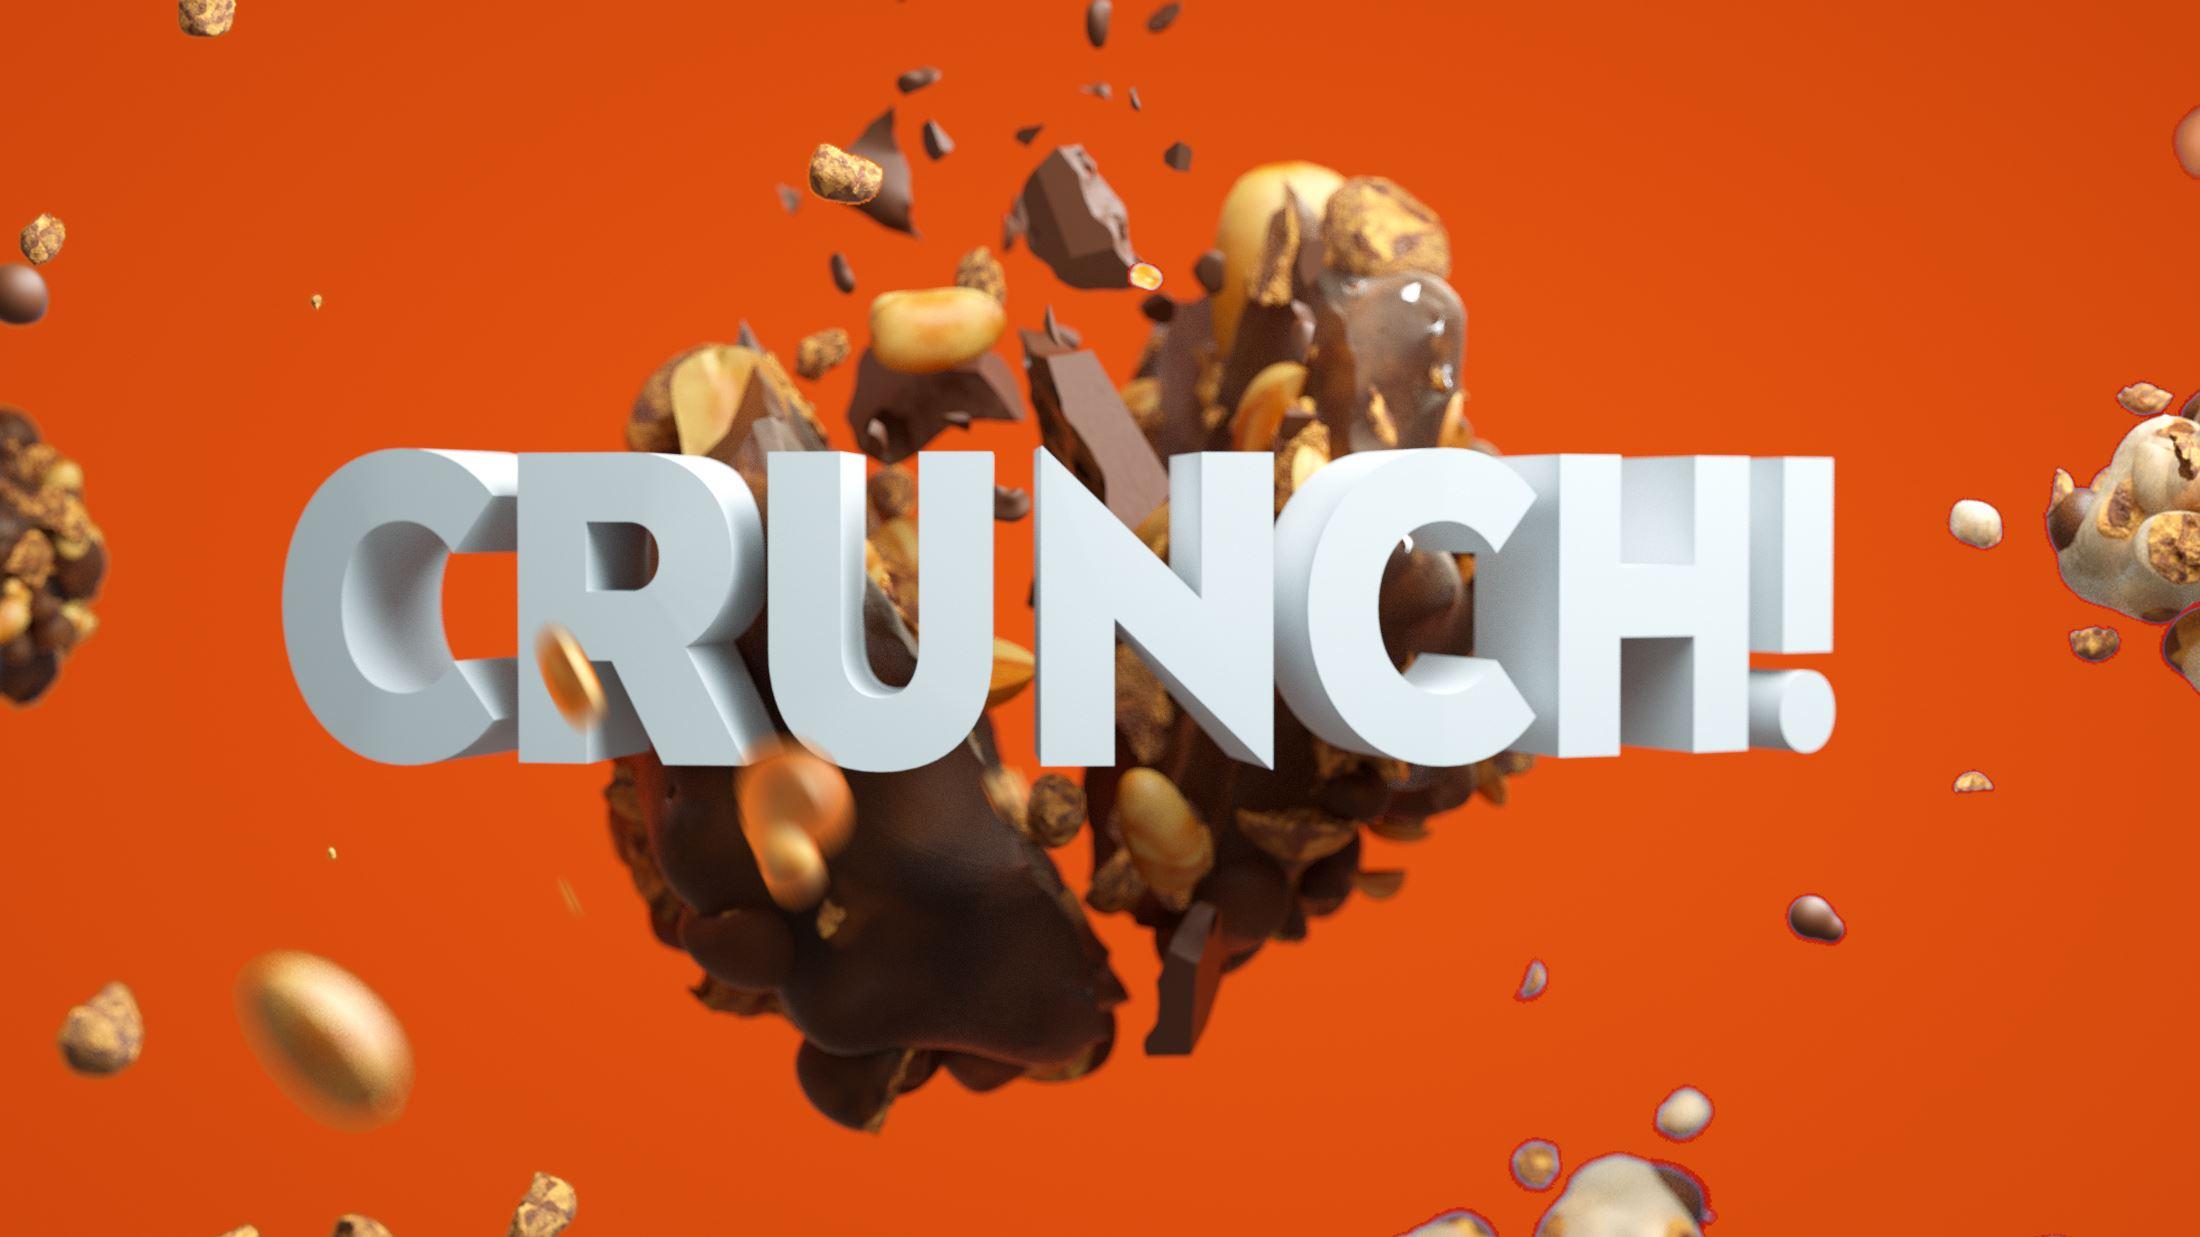 Crunch_V02